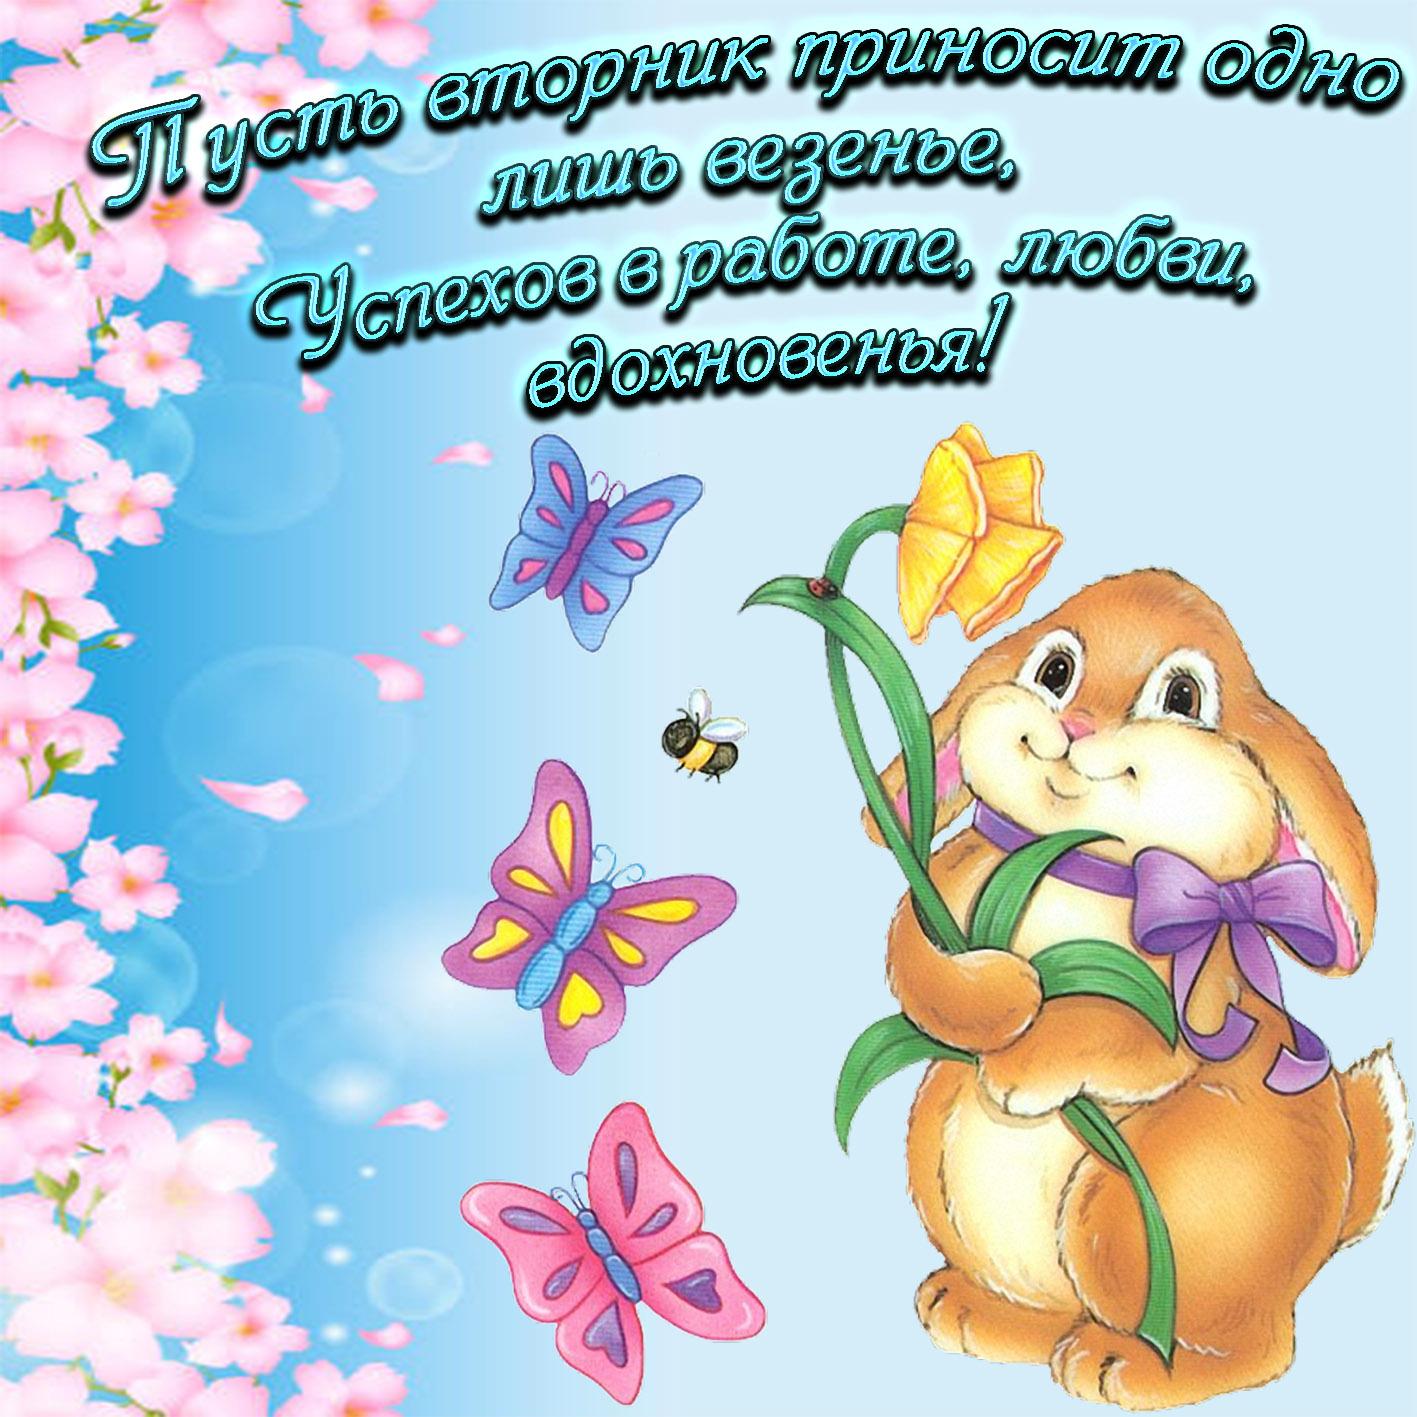 Зайка с цветочком и пожелание на вторник